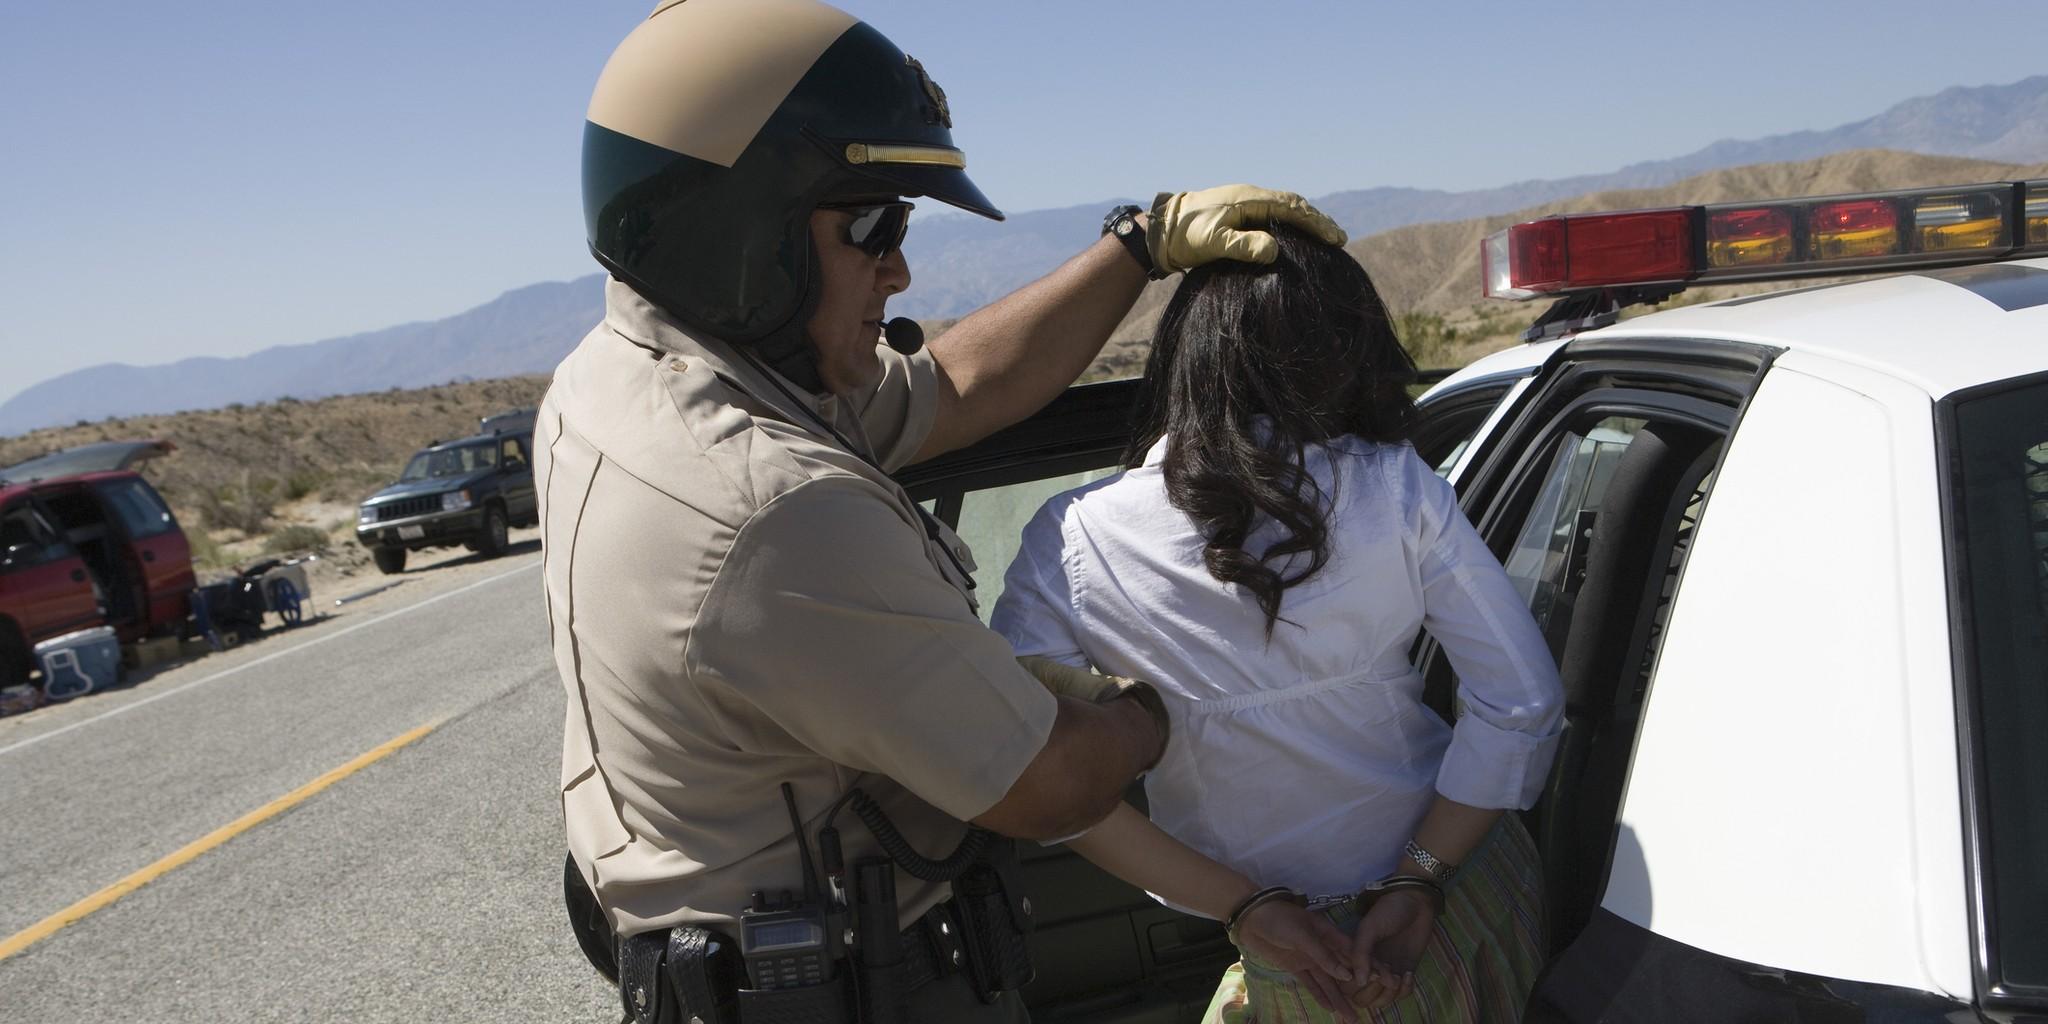 турист арестован